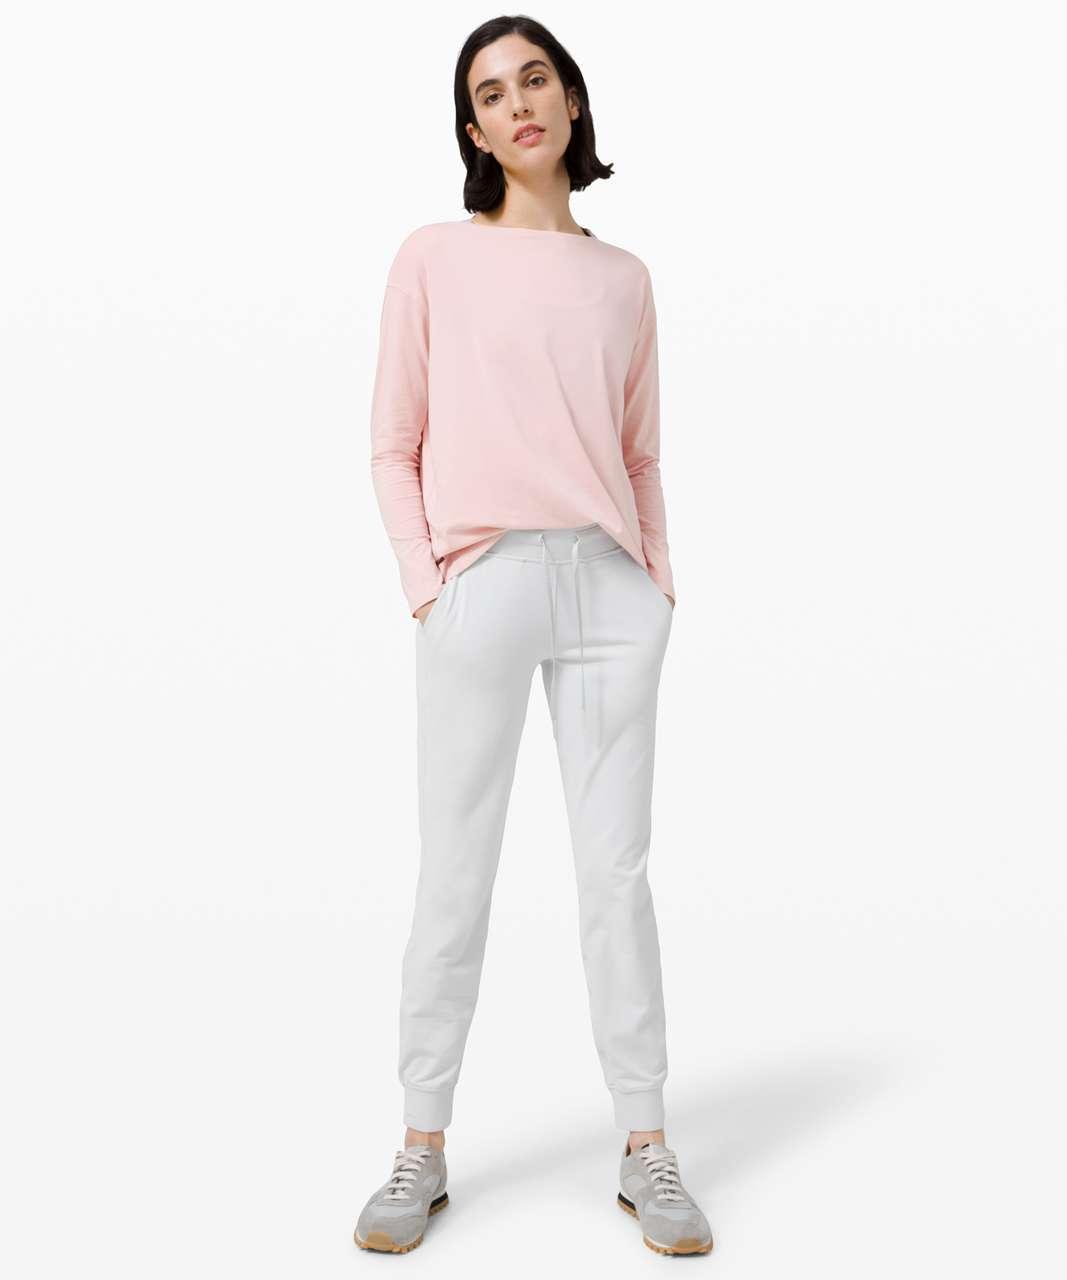 Lululemon Back In Action Long Sleeve - Porcelain Pink